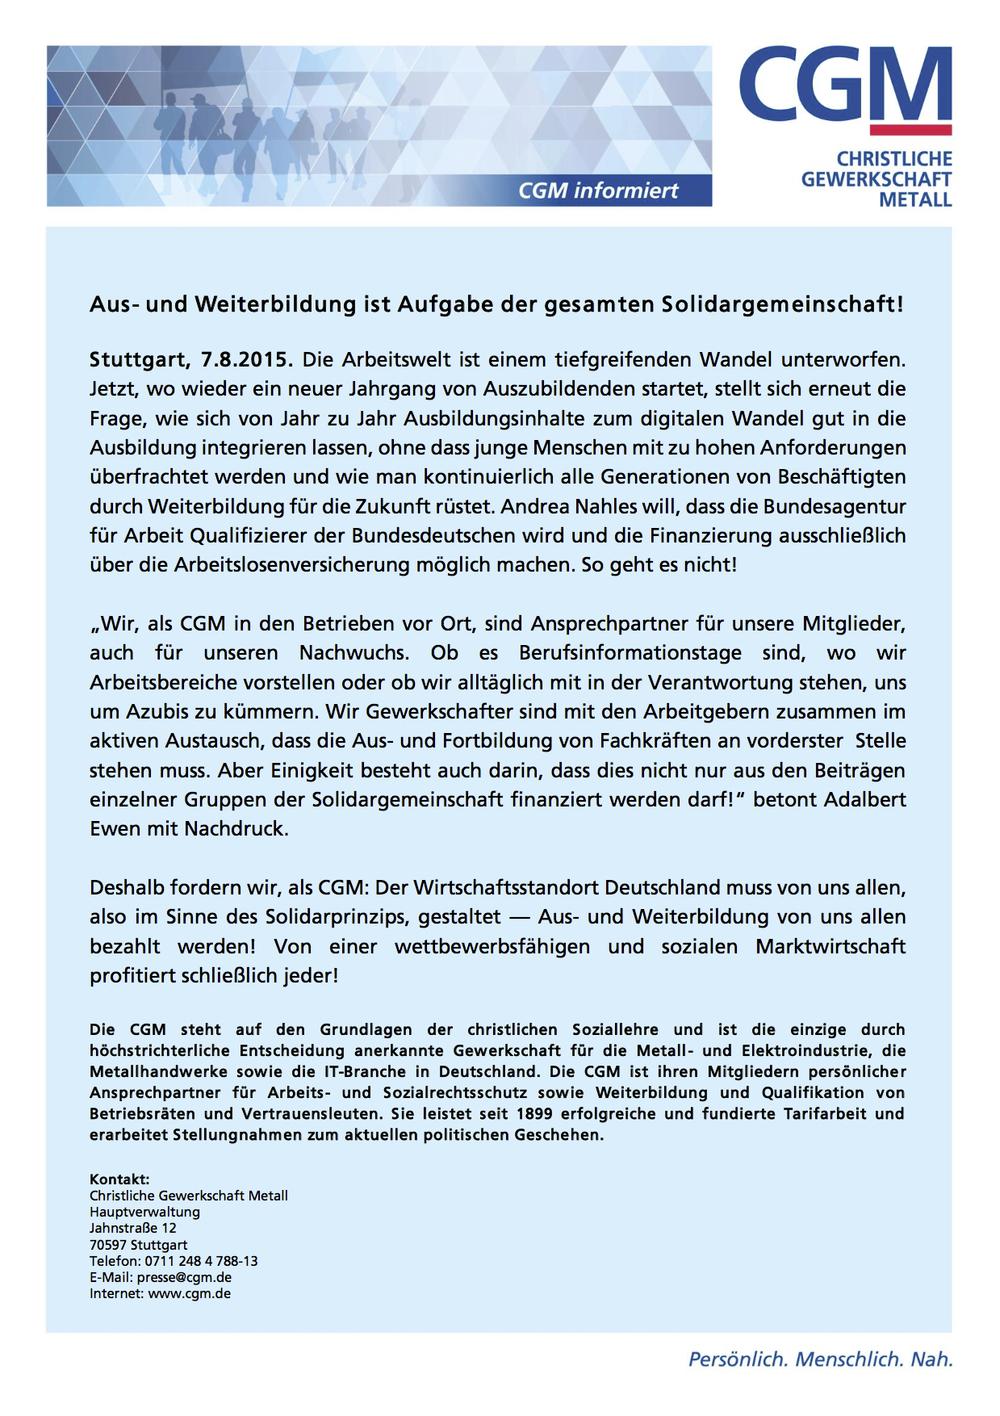 CGM-Info_Ausbildung und Solidarprinzip (Farbe).jpg